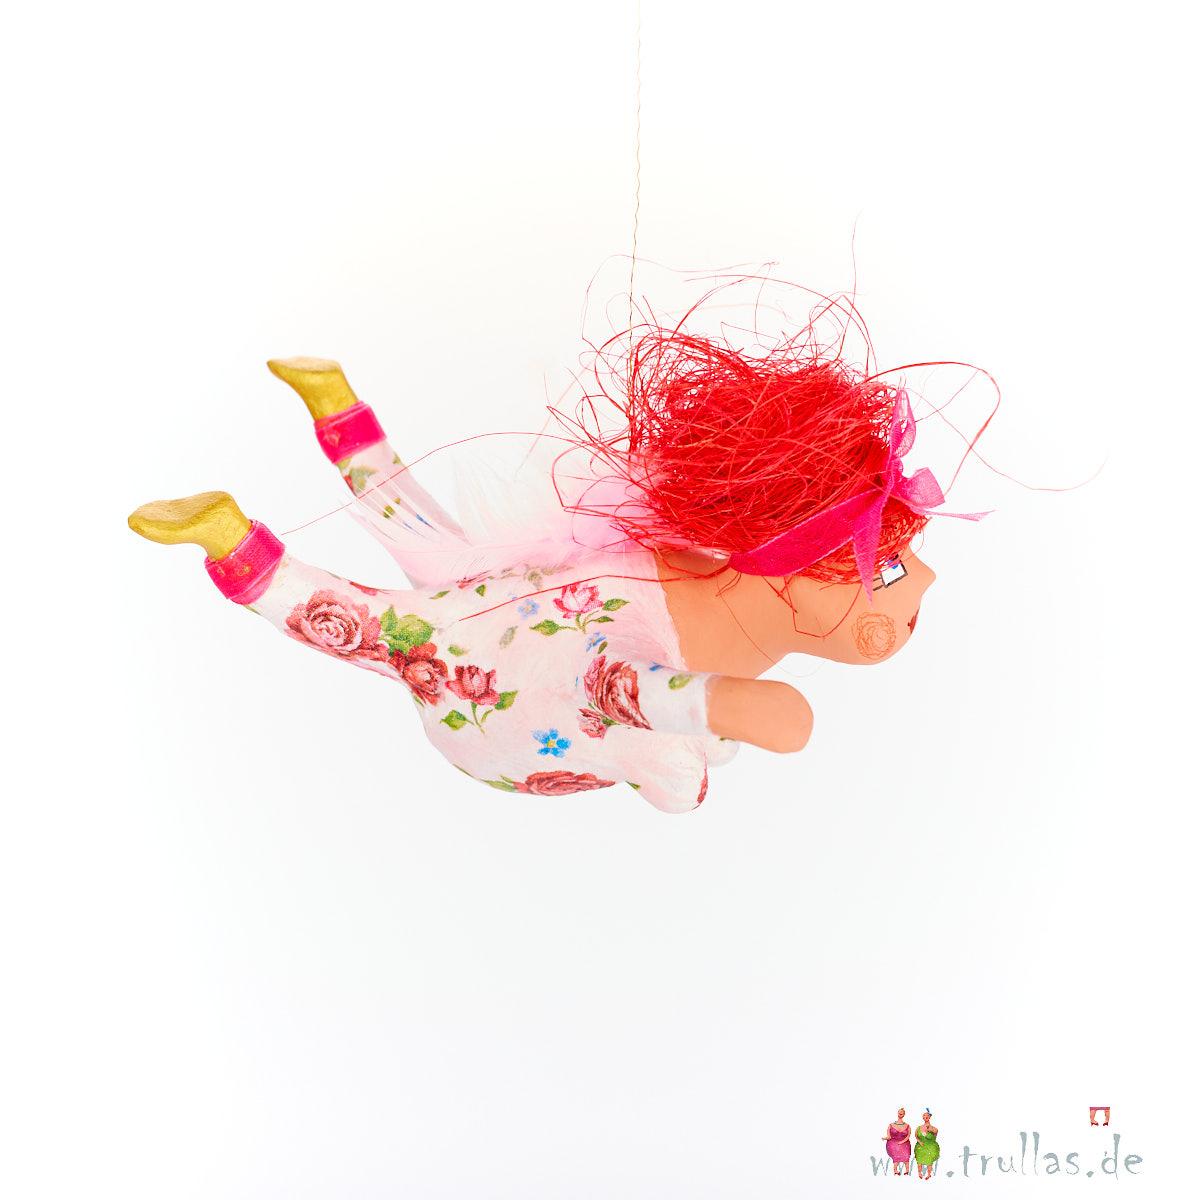 Schutzengelchen - Antje ist eine handgefertigte Figur aus Pappmachee. Trullas sind Geschenkideen fur Menschen die handgemachte Kunst schätzen.